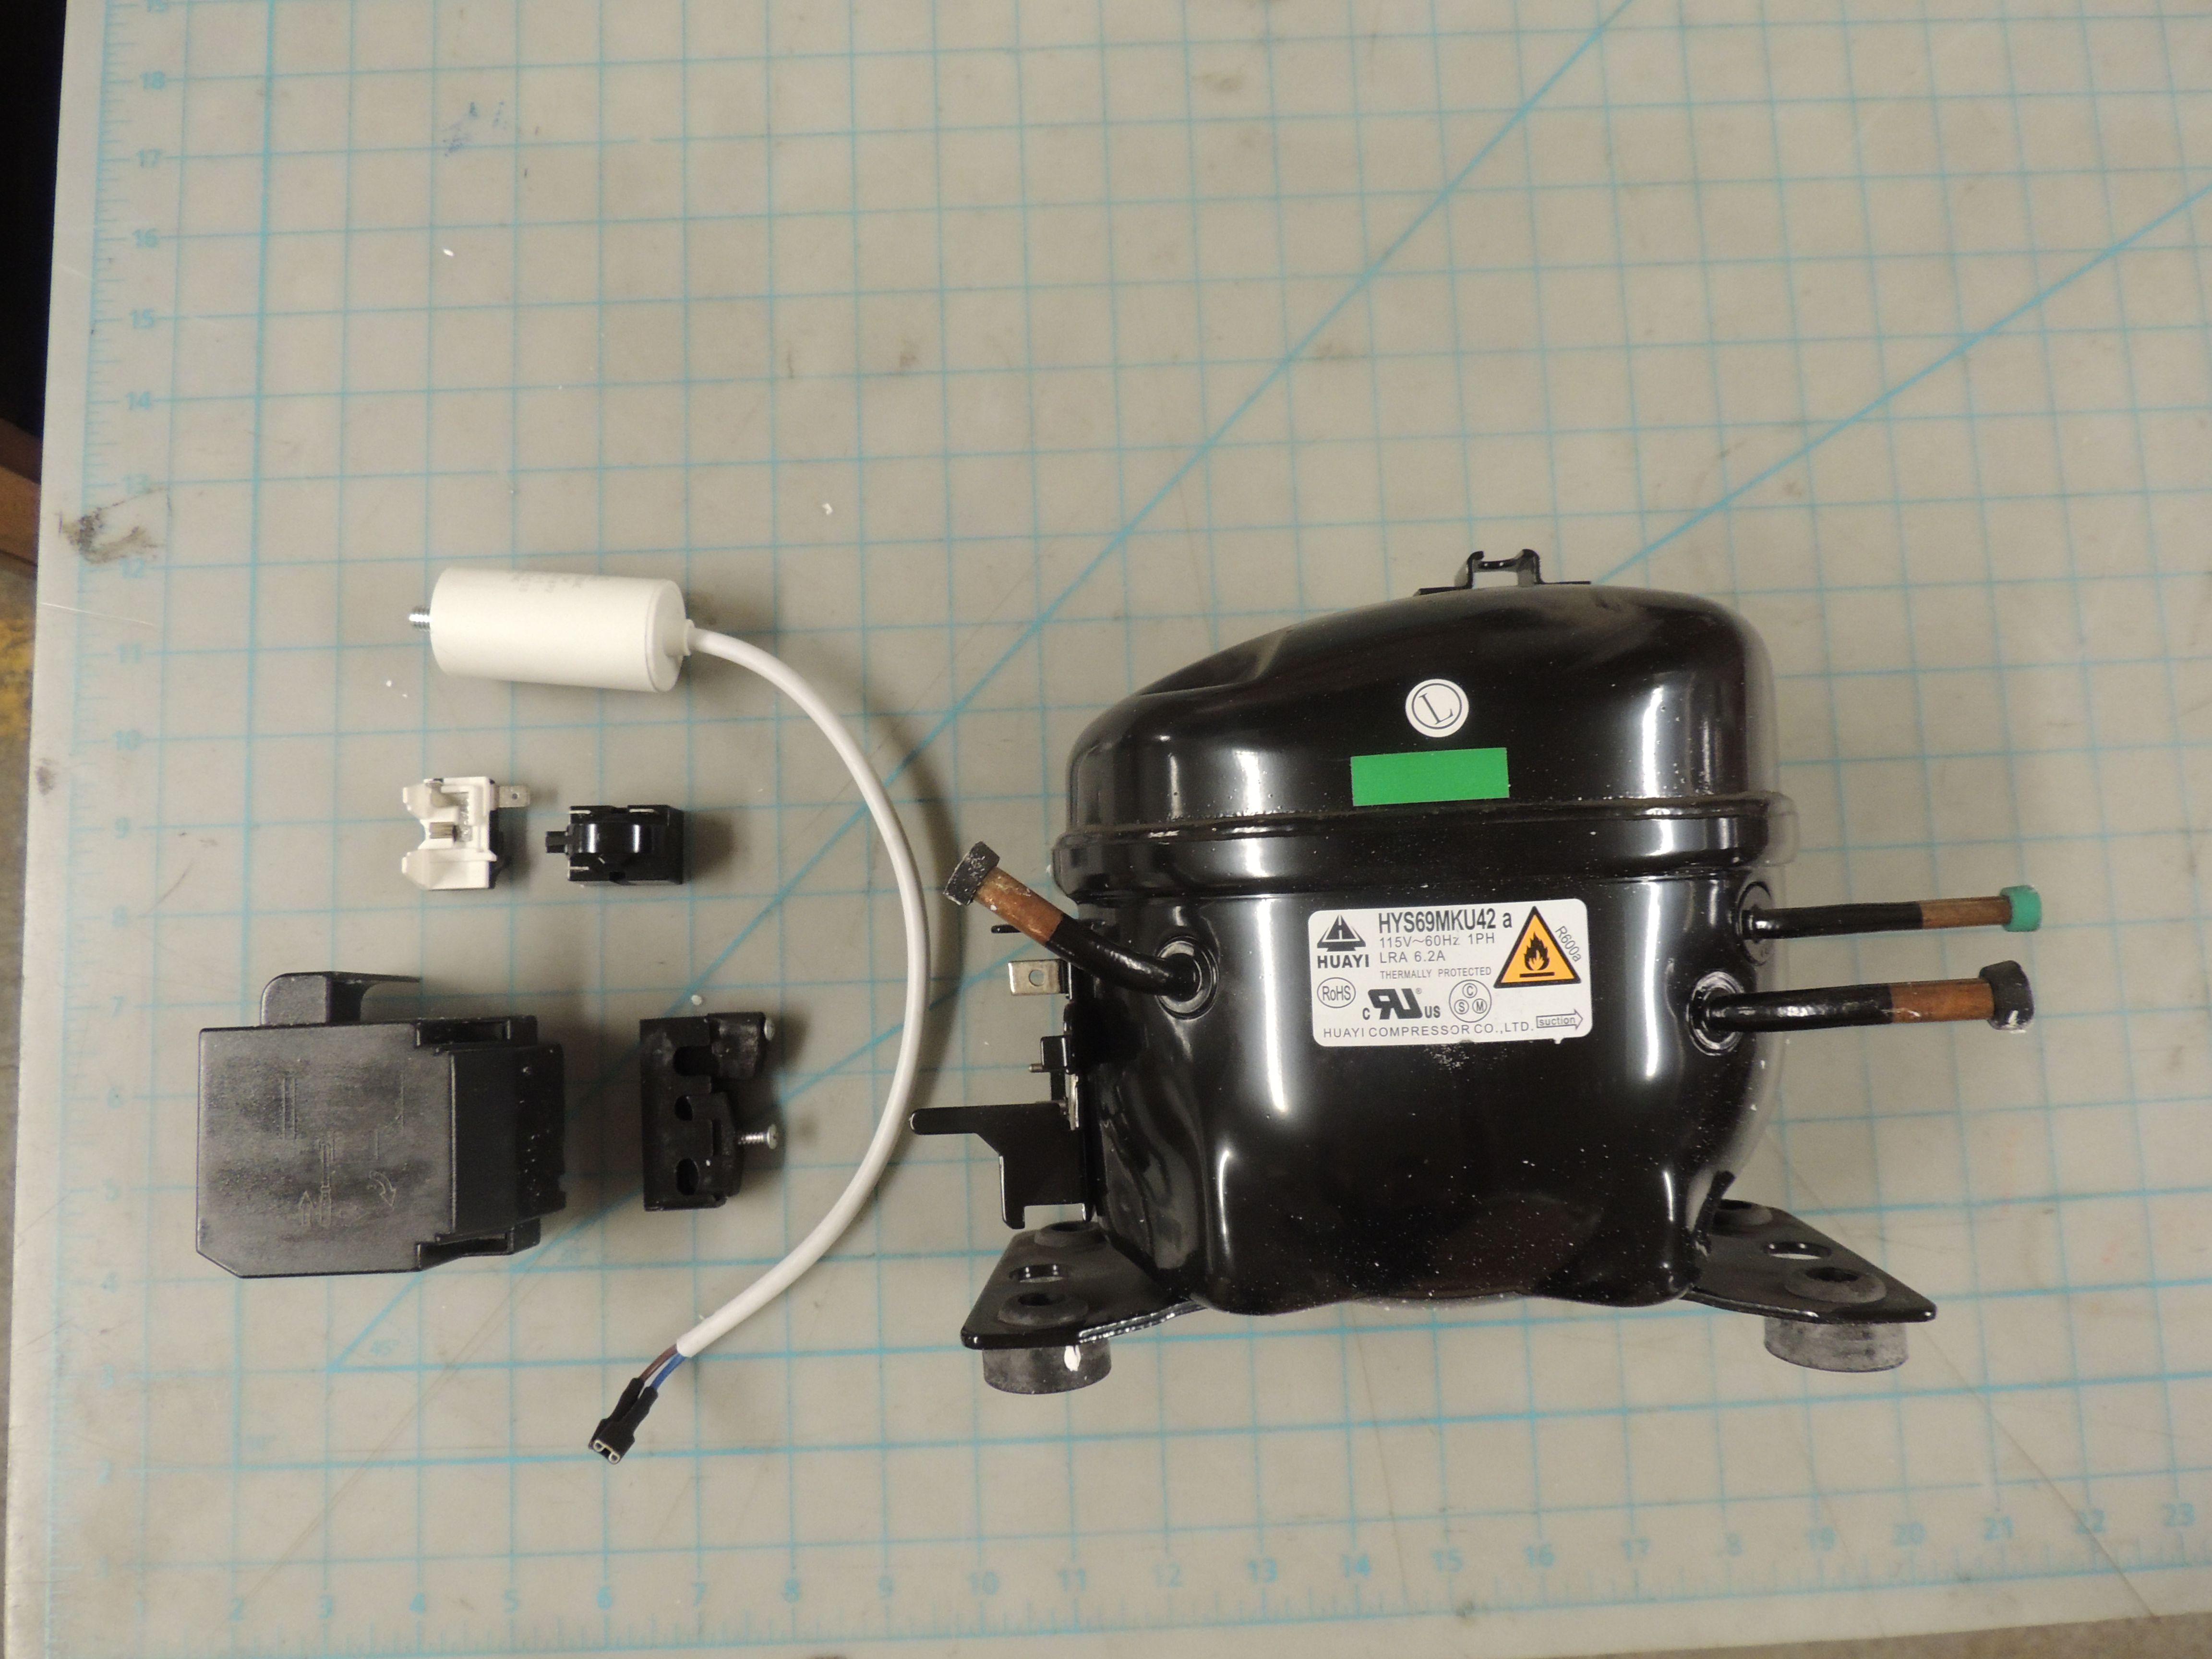 DFF092C1WDB – Danby Appliance Parts